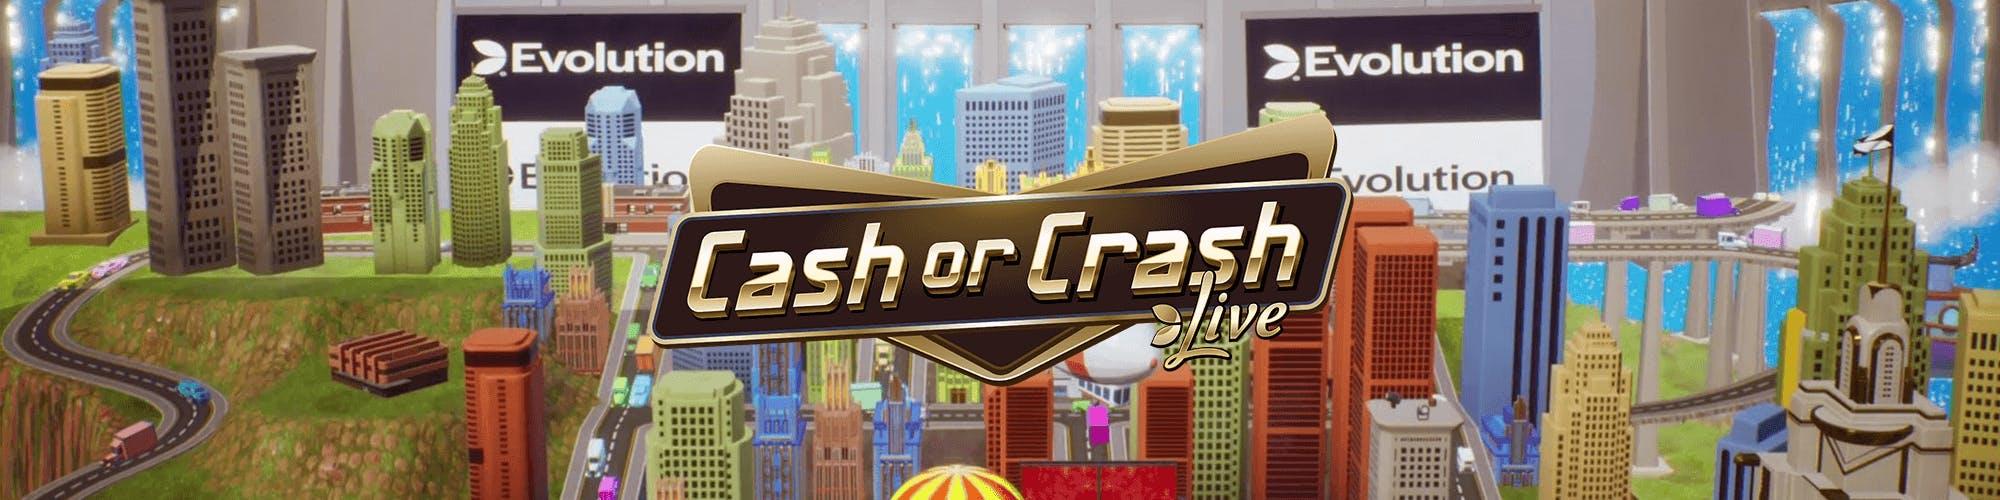 cash or crash live advertising banner